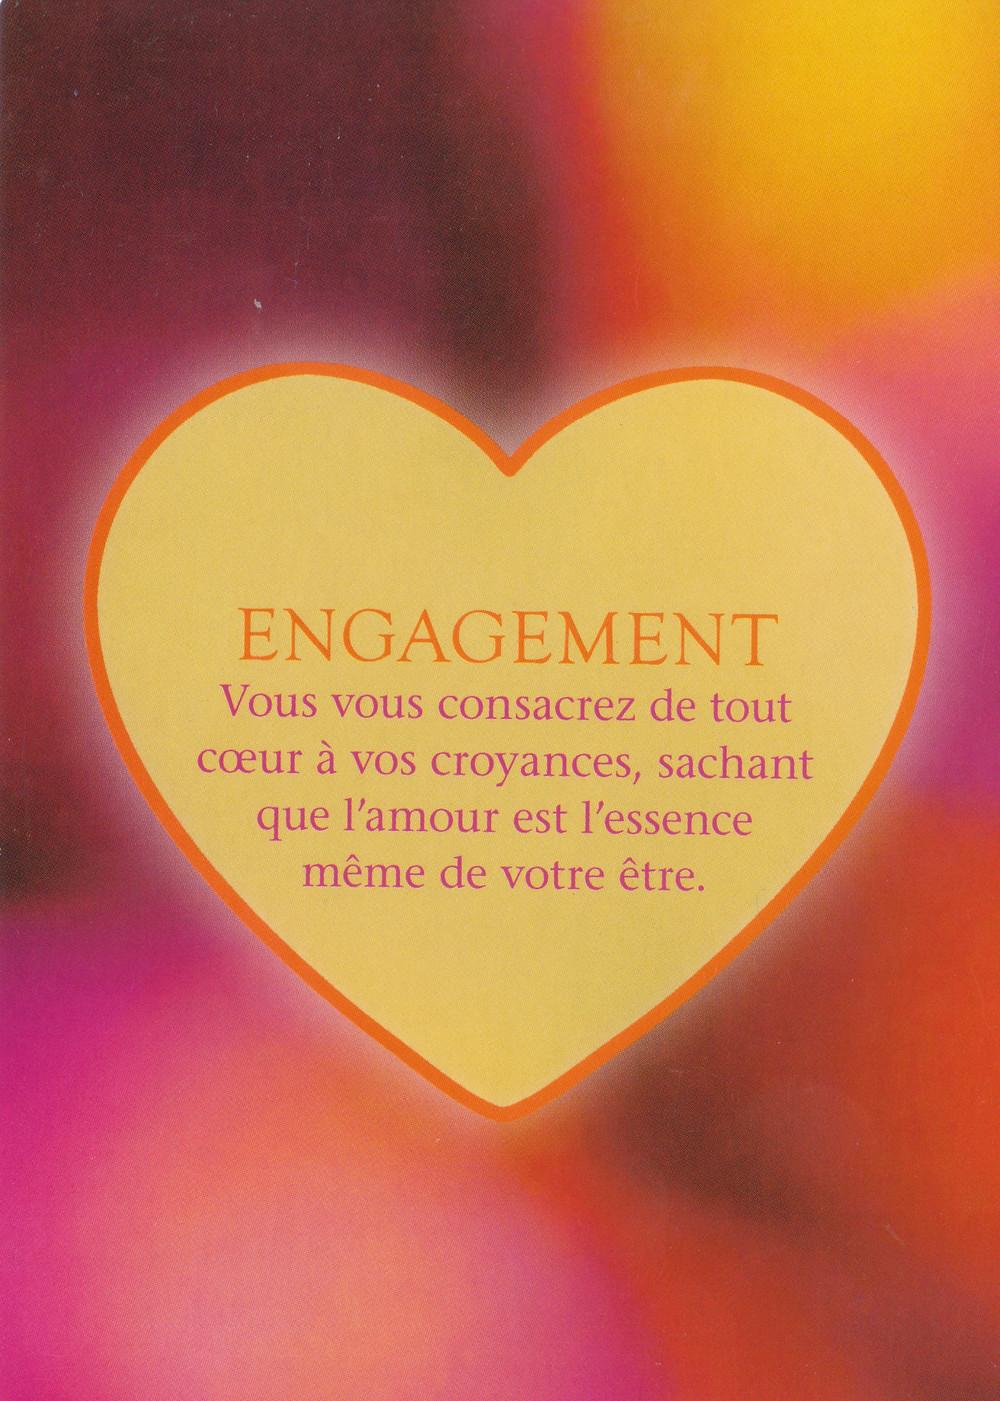 Carte tirée de L'Oracle Le Pouvoir de l'Amour de James Van Praagh - Engagement - Conseils et énergies du 22 octobre 2019